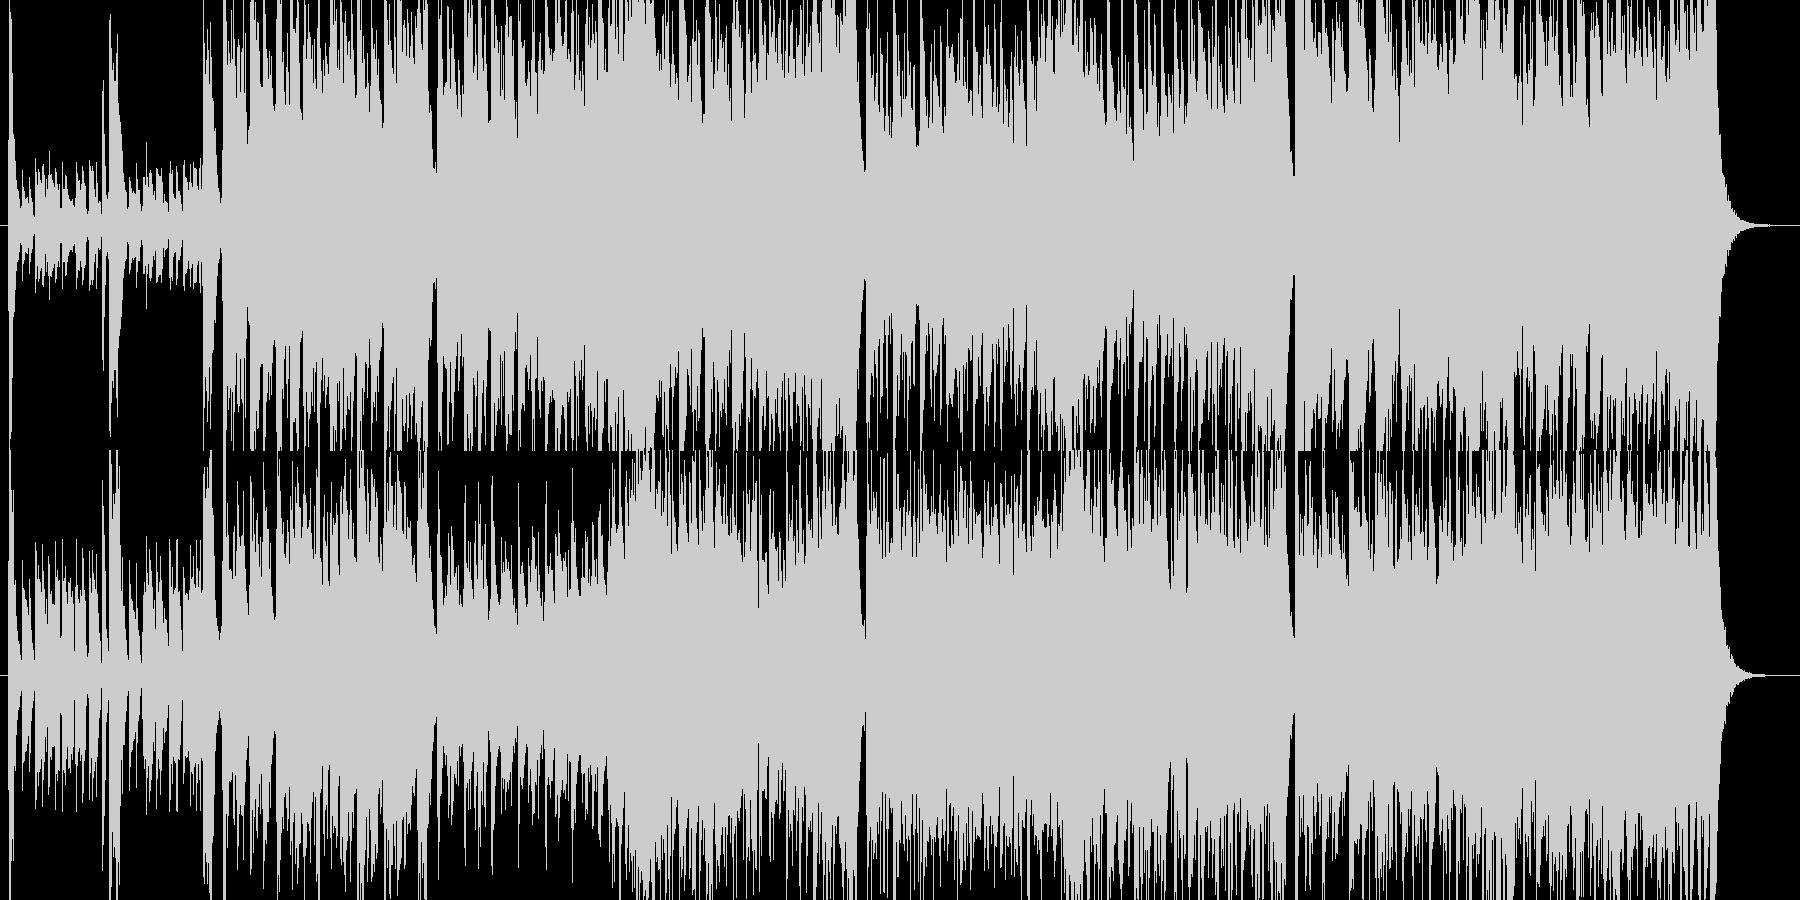 アコギとフルートが絡み合うアイリッシュ曲の未再生の波形